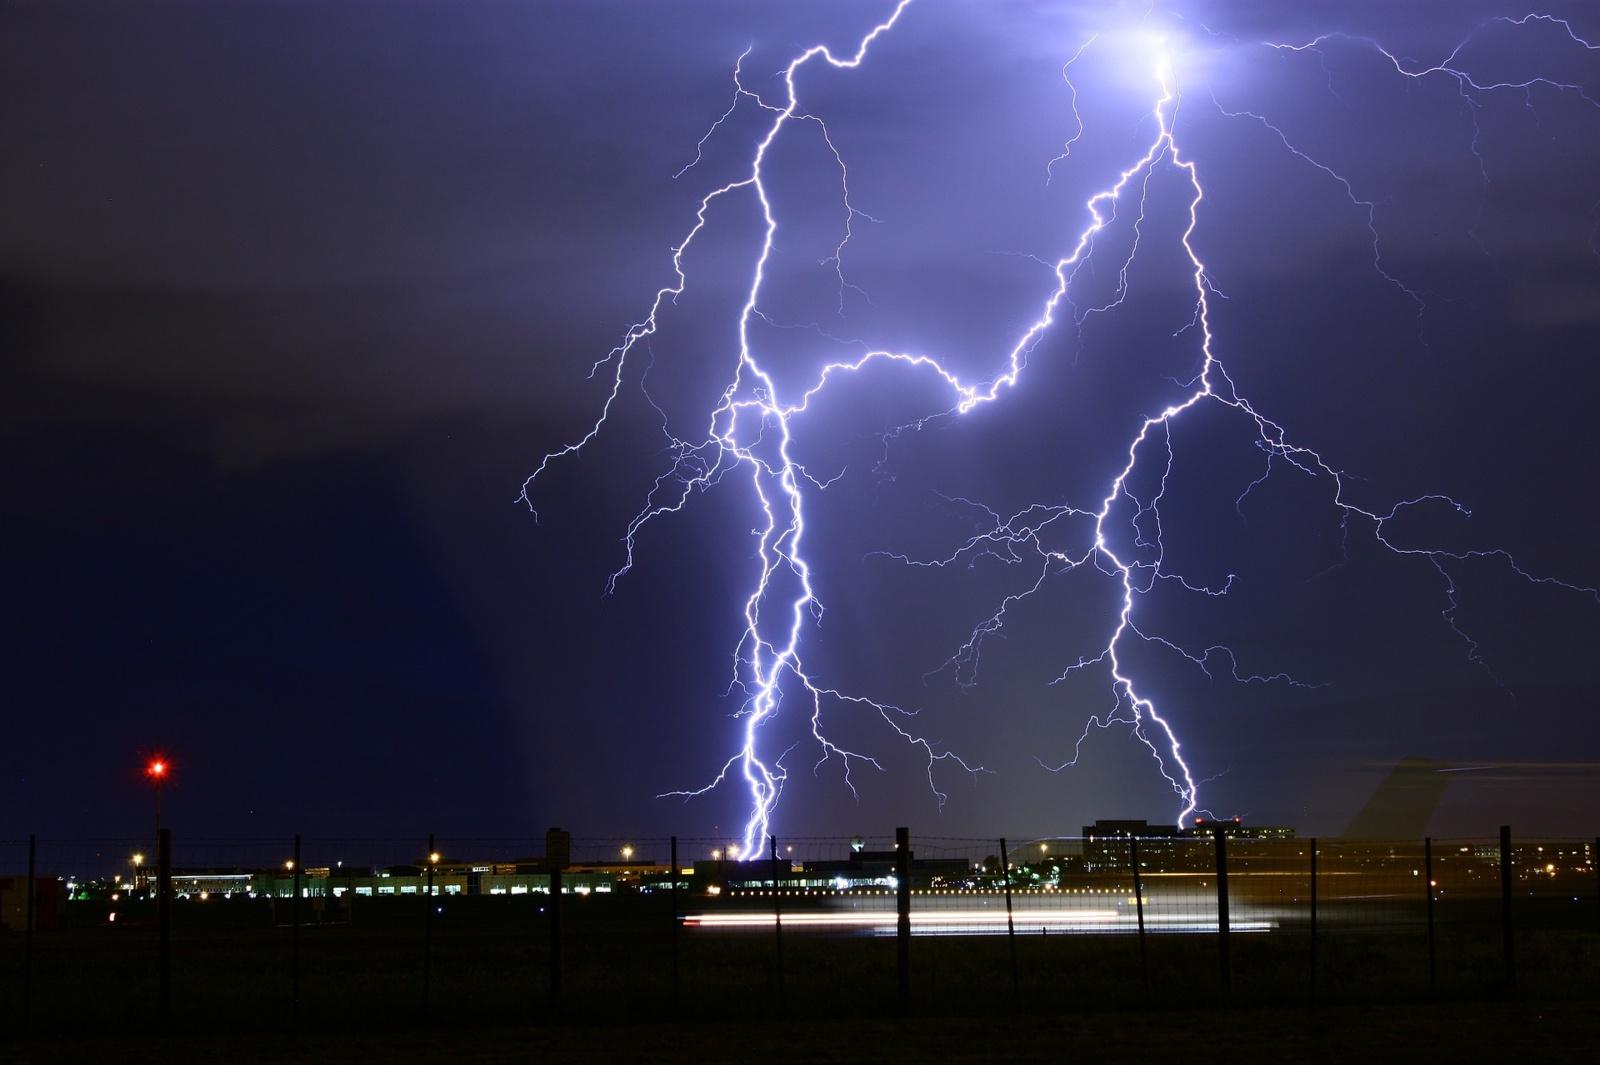 Audrose tykantys pavojai: ar saugu vairuoti žaibuojant? Kaip elgtis per krušą ir potvynių metu?